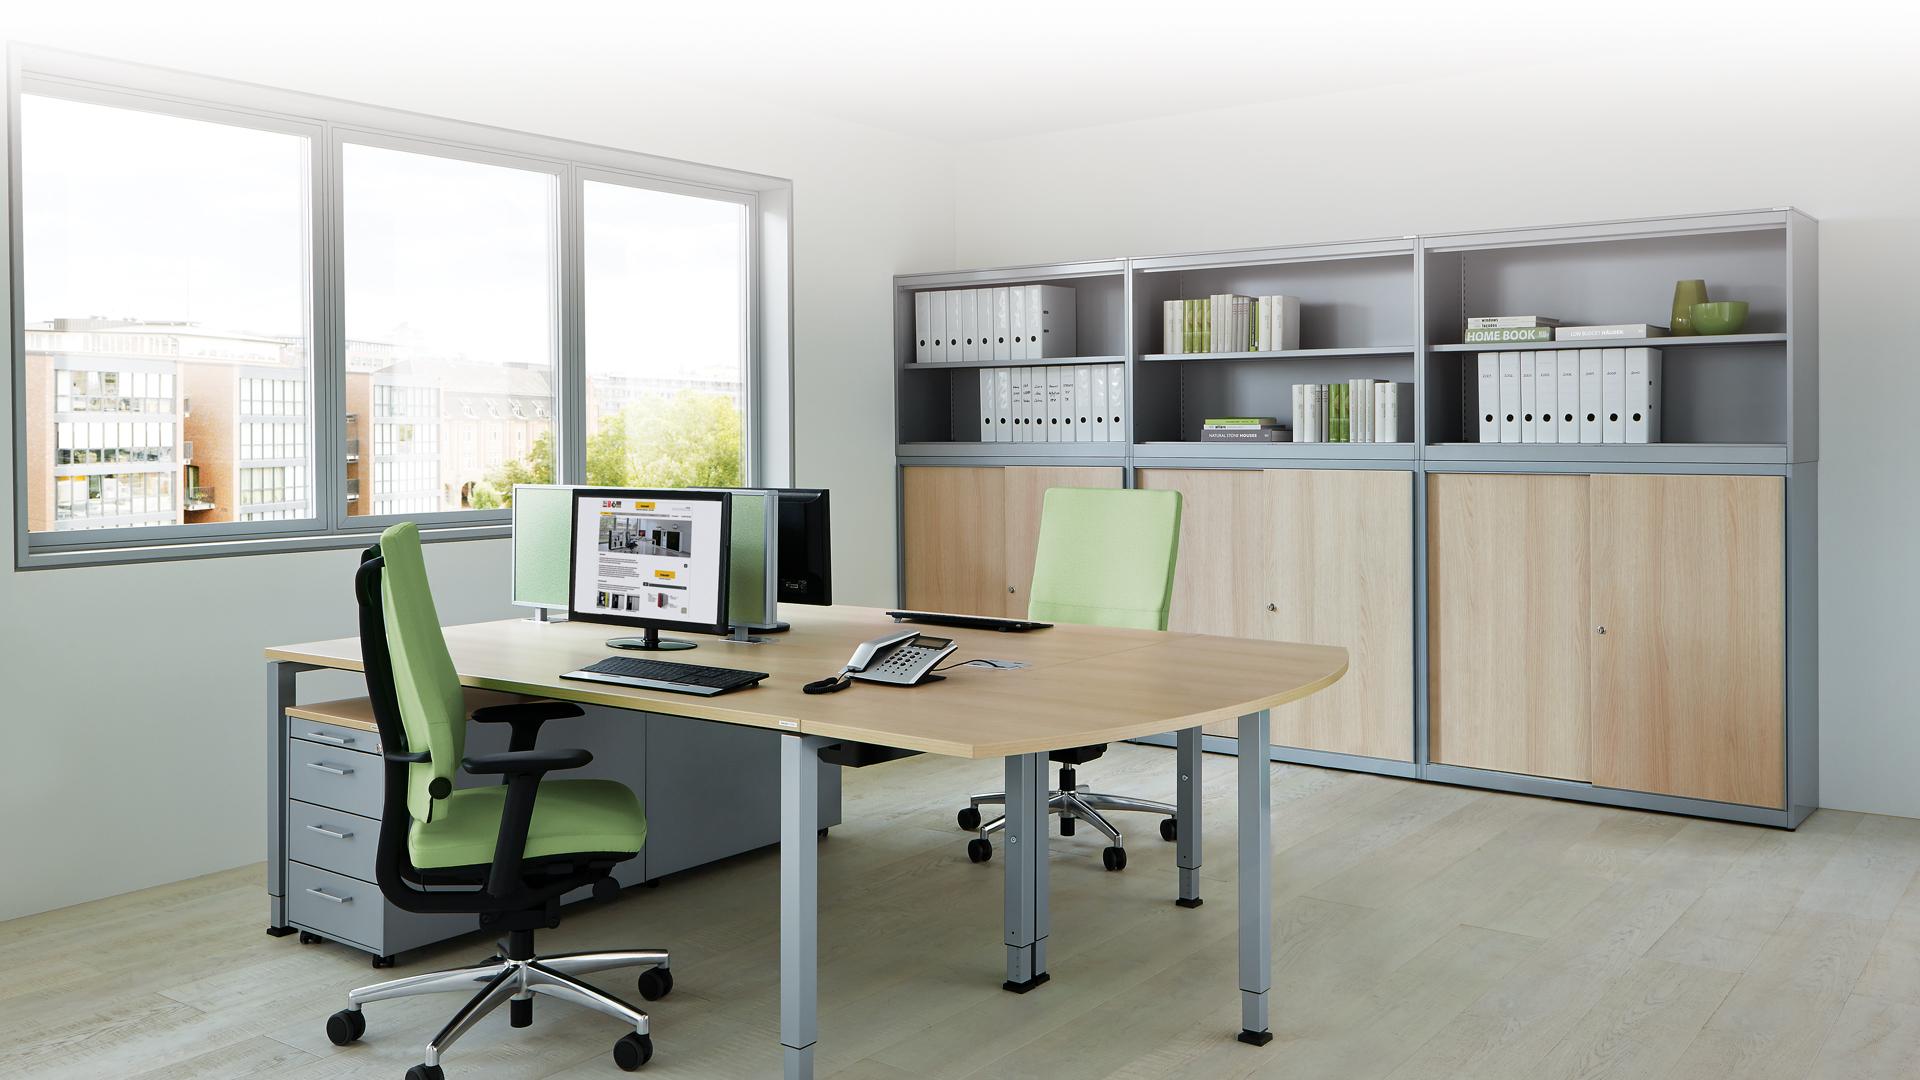 Schranksysteme-Bueroschrank-am-Arbeitsplatz-kontoro-mauser-slider